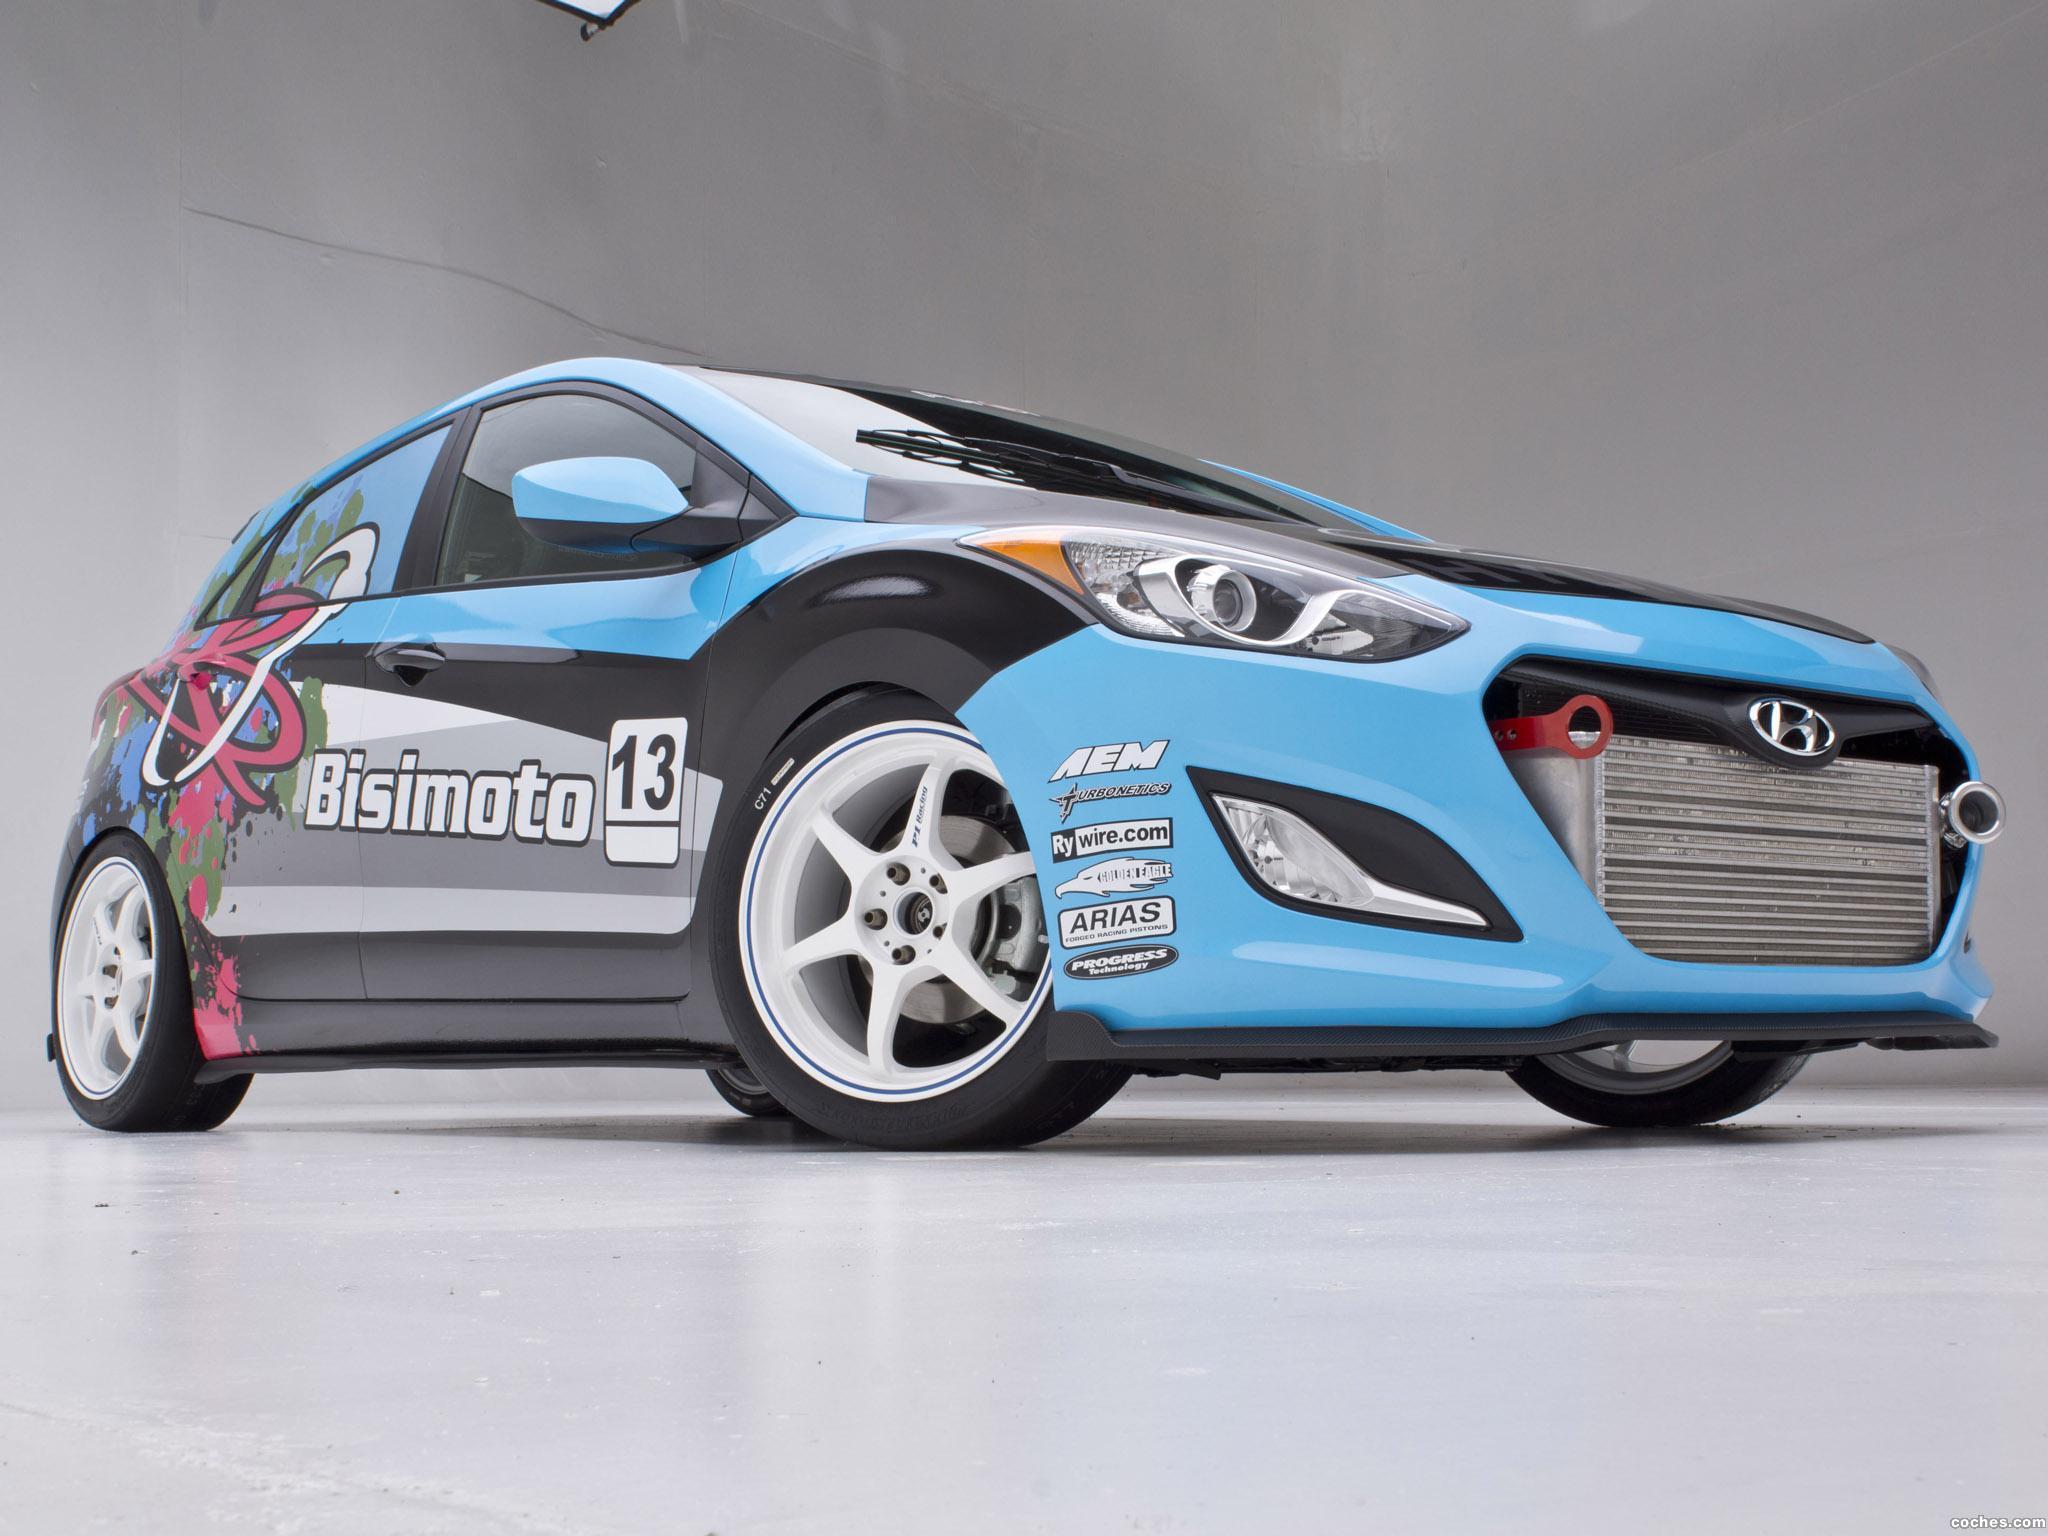 Foto 4 de Hyundai Elantra GT Concept by Bisimoto Engineering 2012